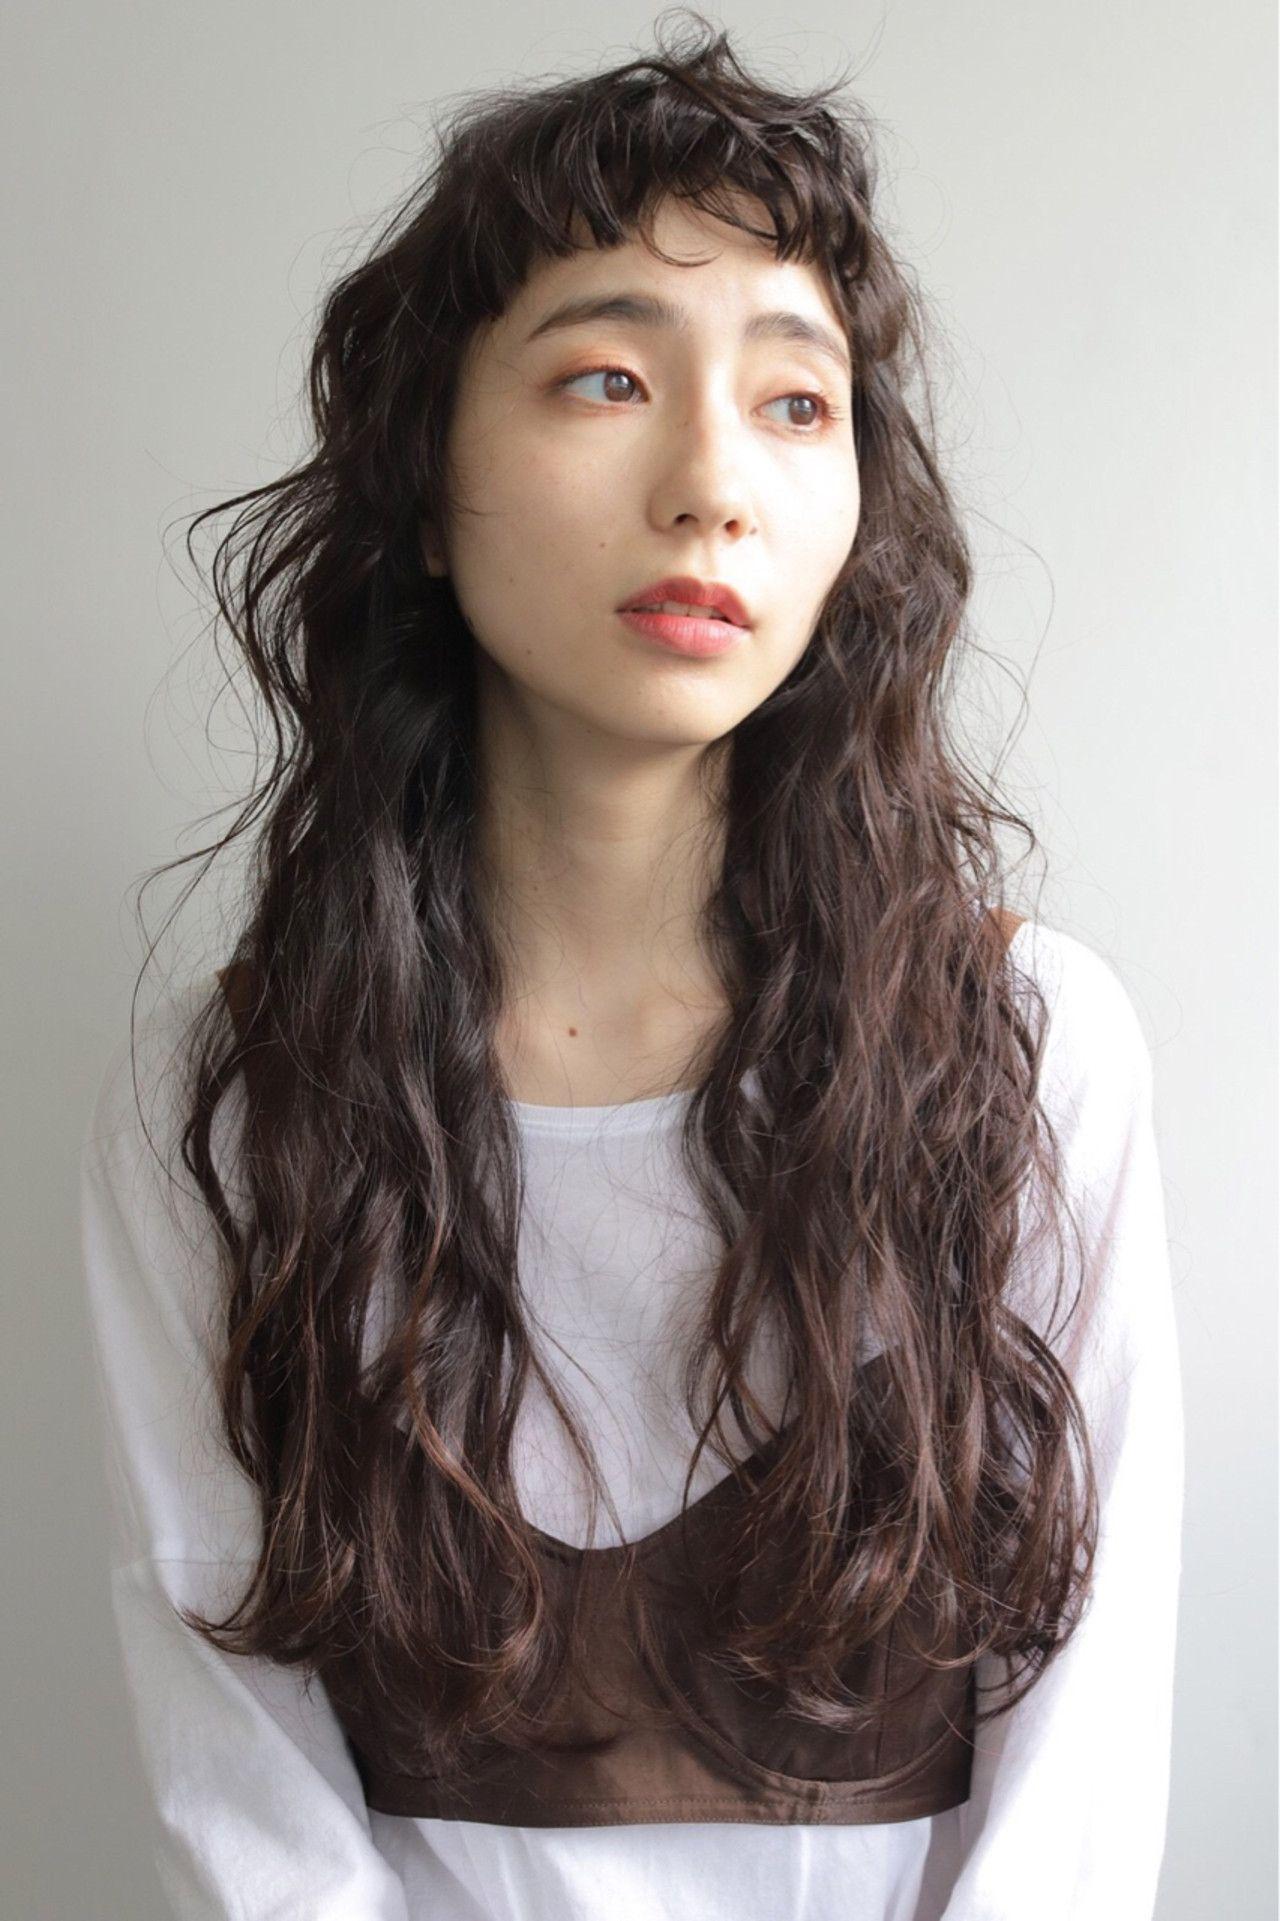 ボード ロングヘア Long Hair のピン